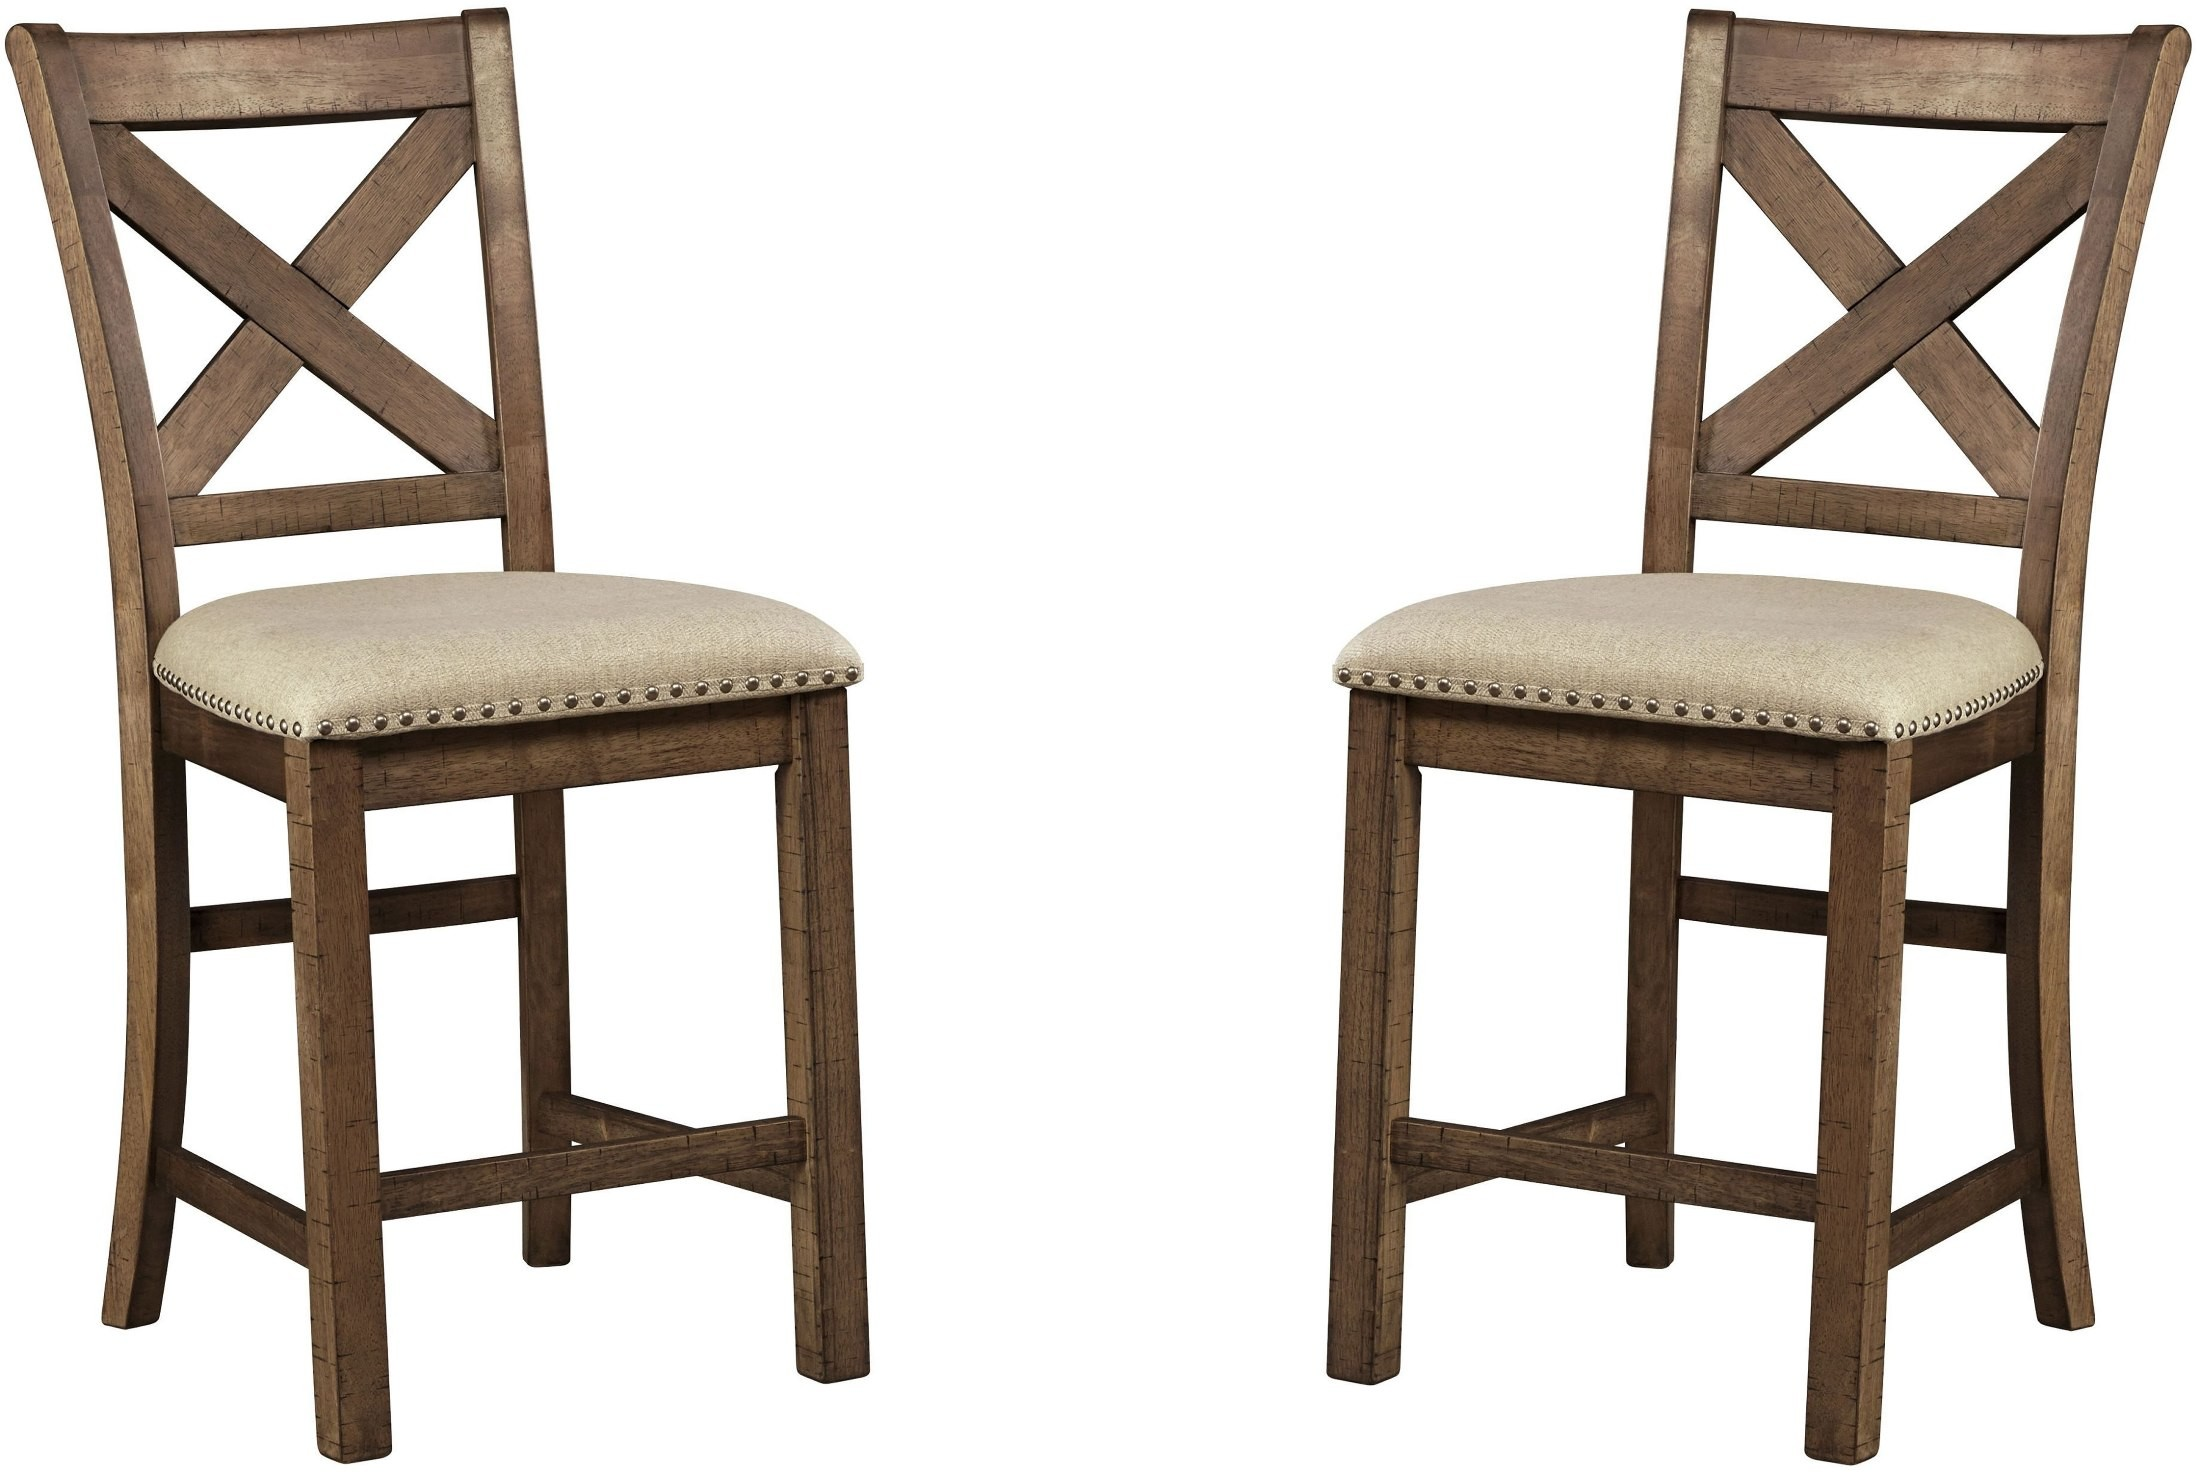 Moriville Gray Upholstered Barstool Set Of 2 From Ashley · 1928921